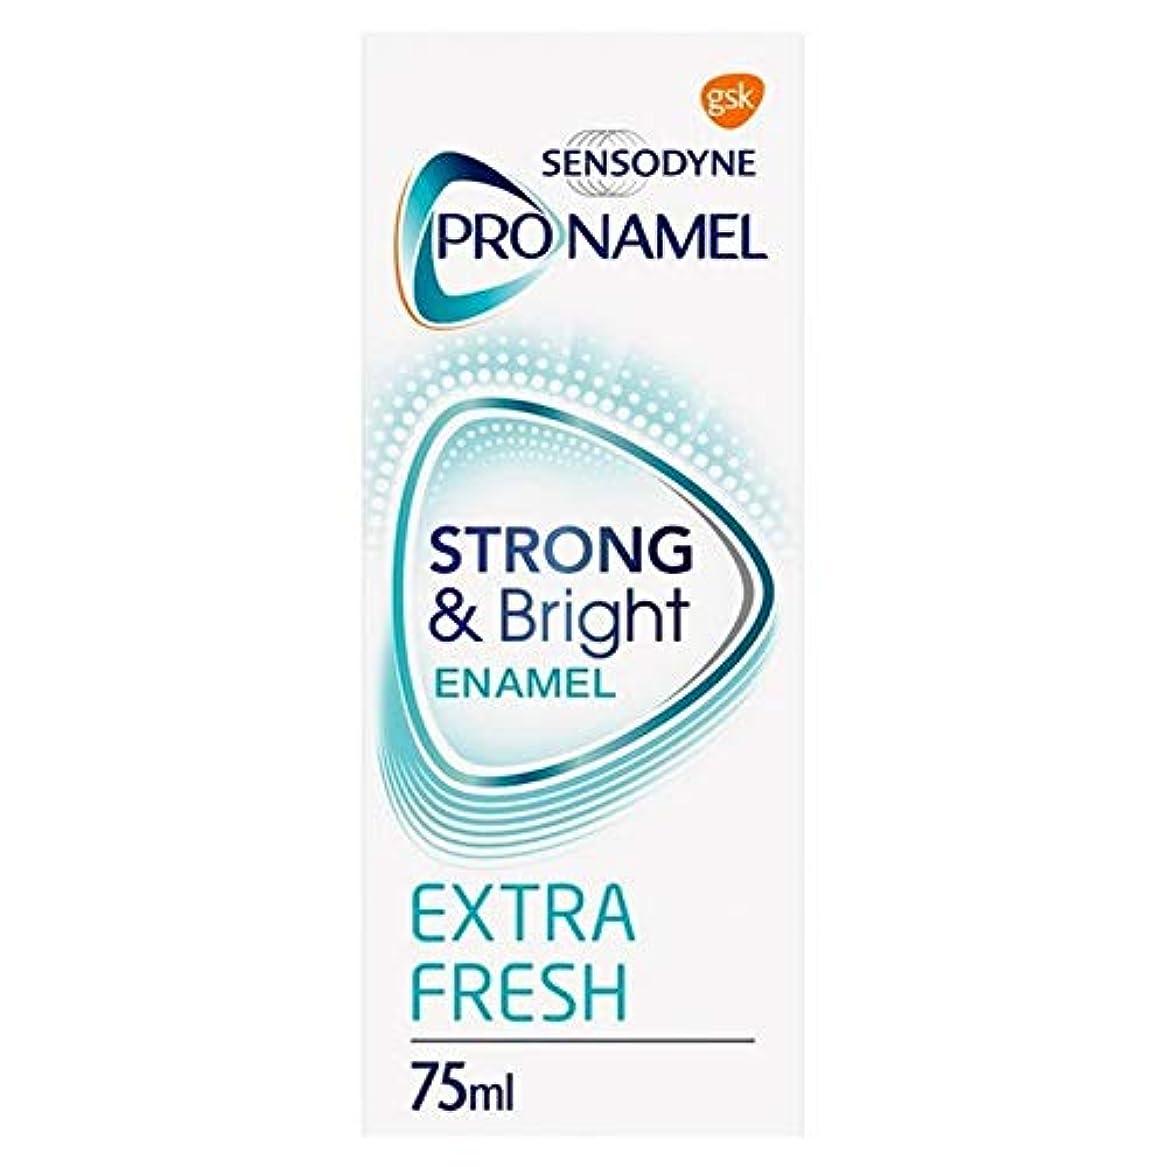 前売明確な悪性の[Sensodyne] SensodyneのPronamel強い&ブライト歯磨き粉75ミリリットル - Sensodyne Pronamel Strong & Bright Toothpaste 75ml [並行輸入品]